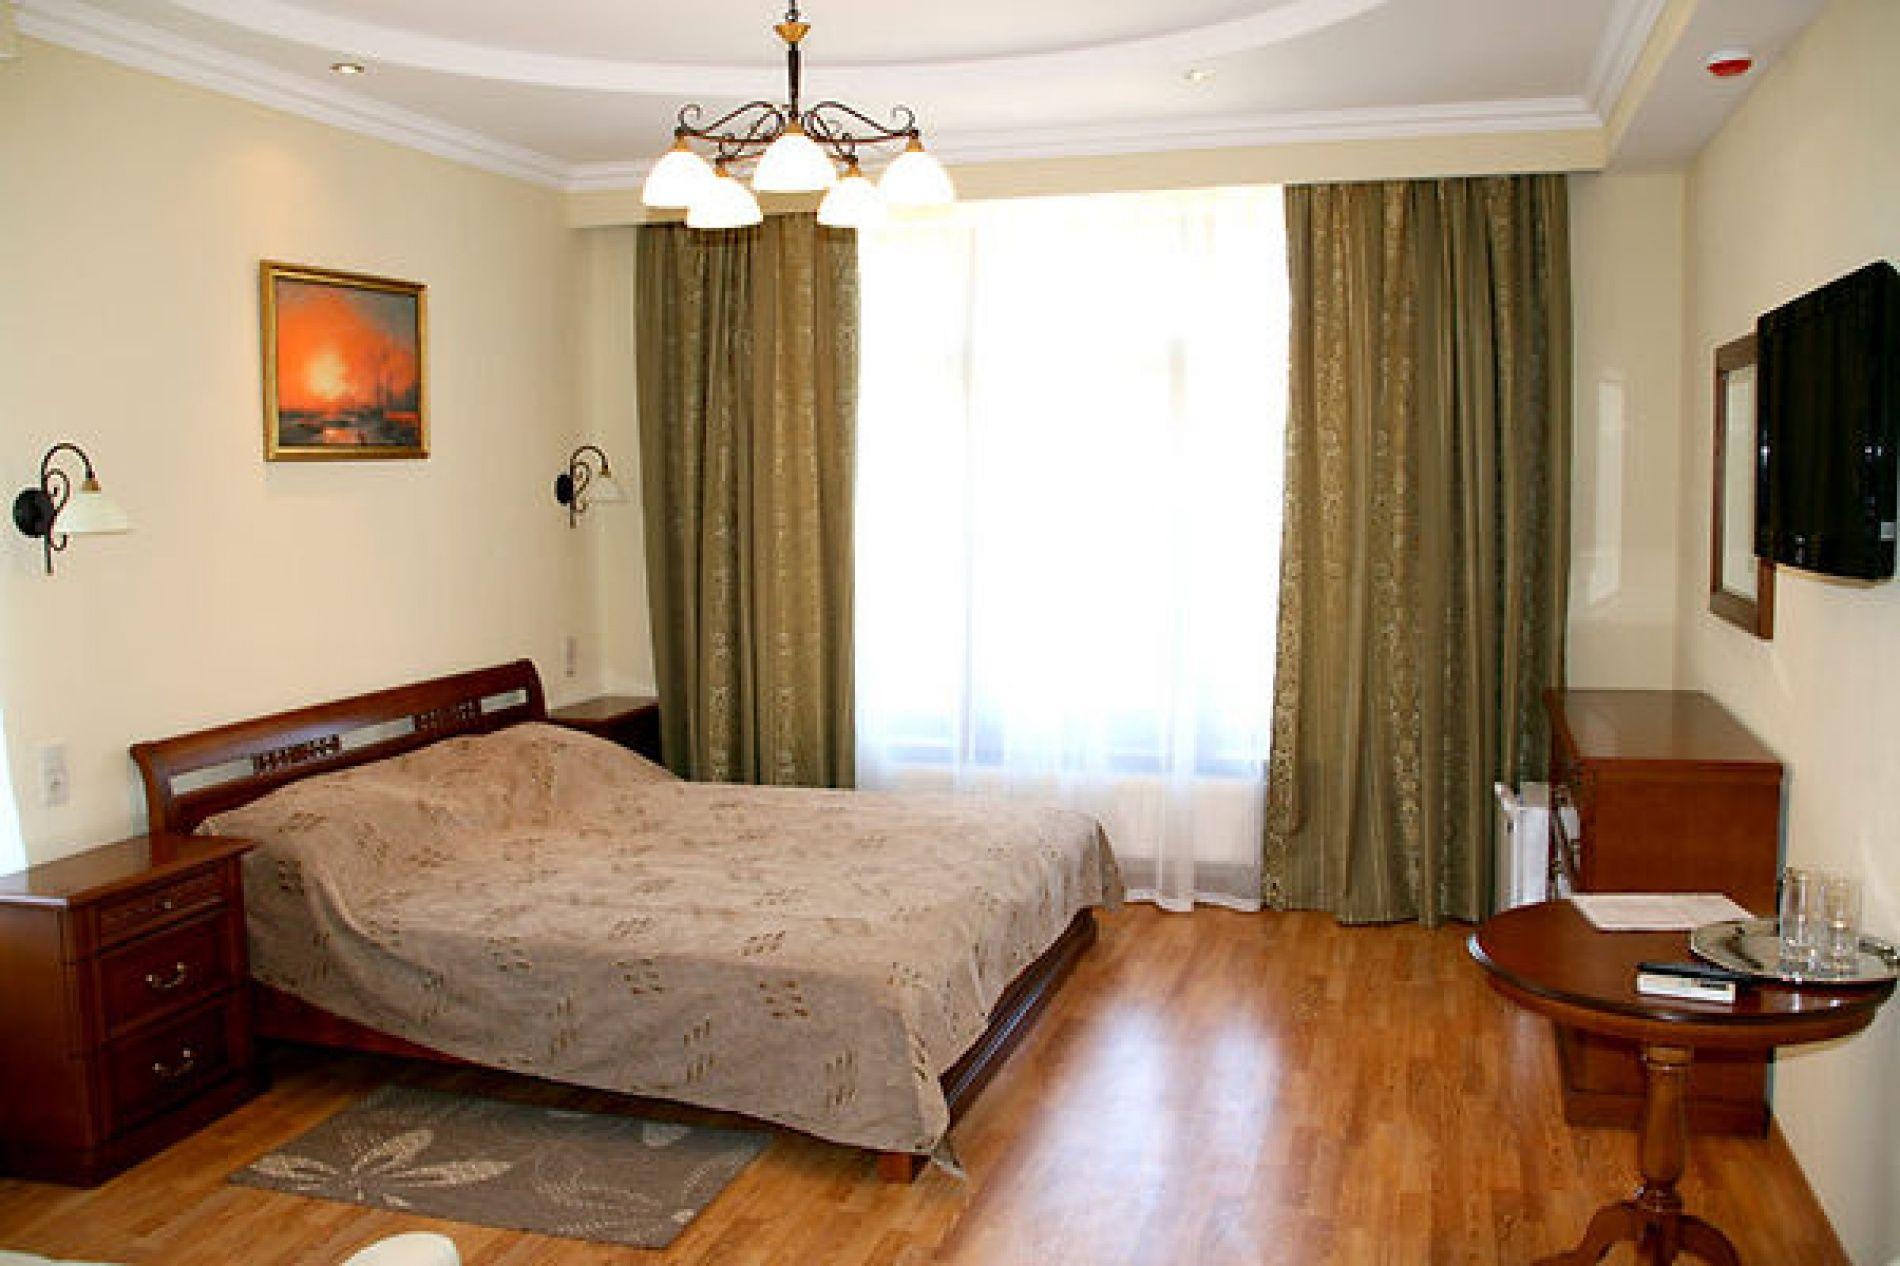 Гостиница «Вилла Аль-Марин» Республика Крым Номер «Люкс В», фото 1